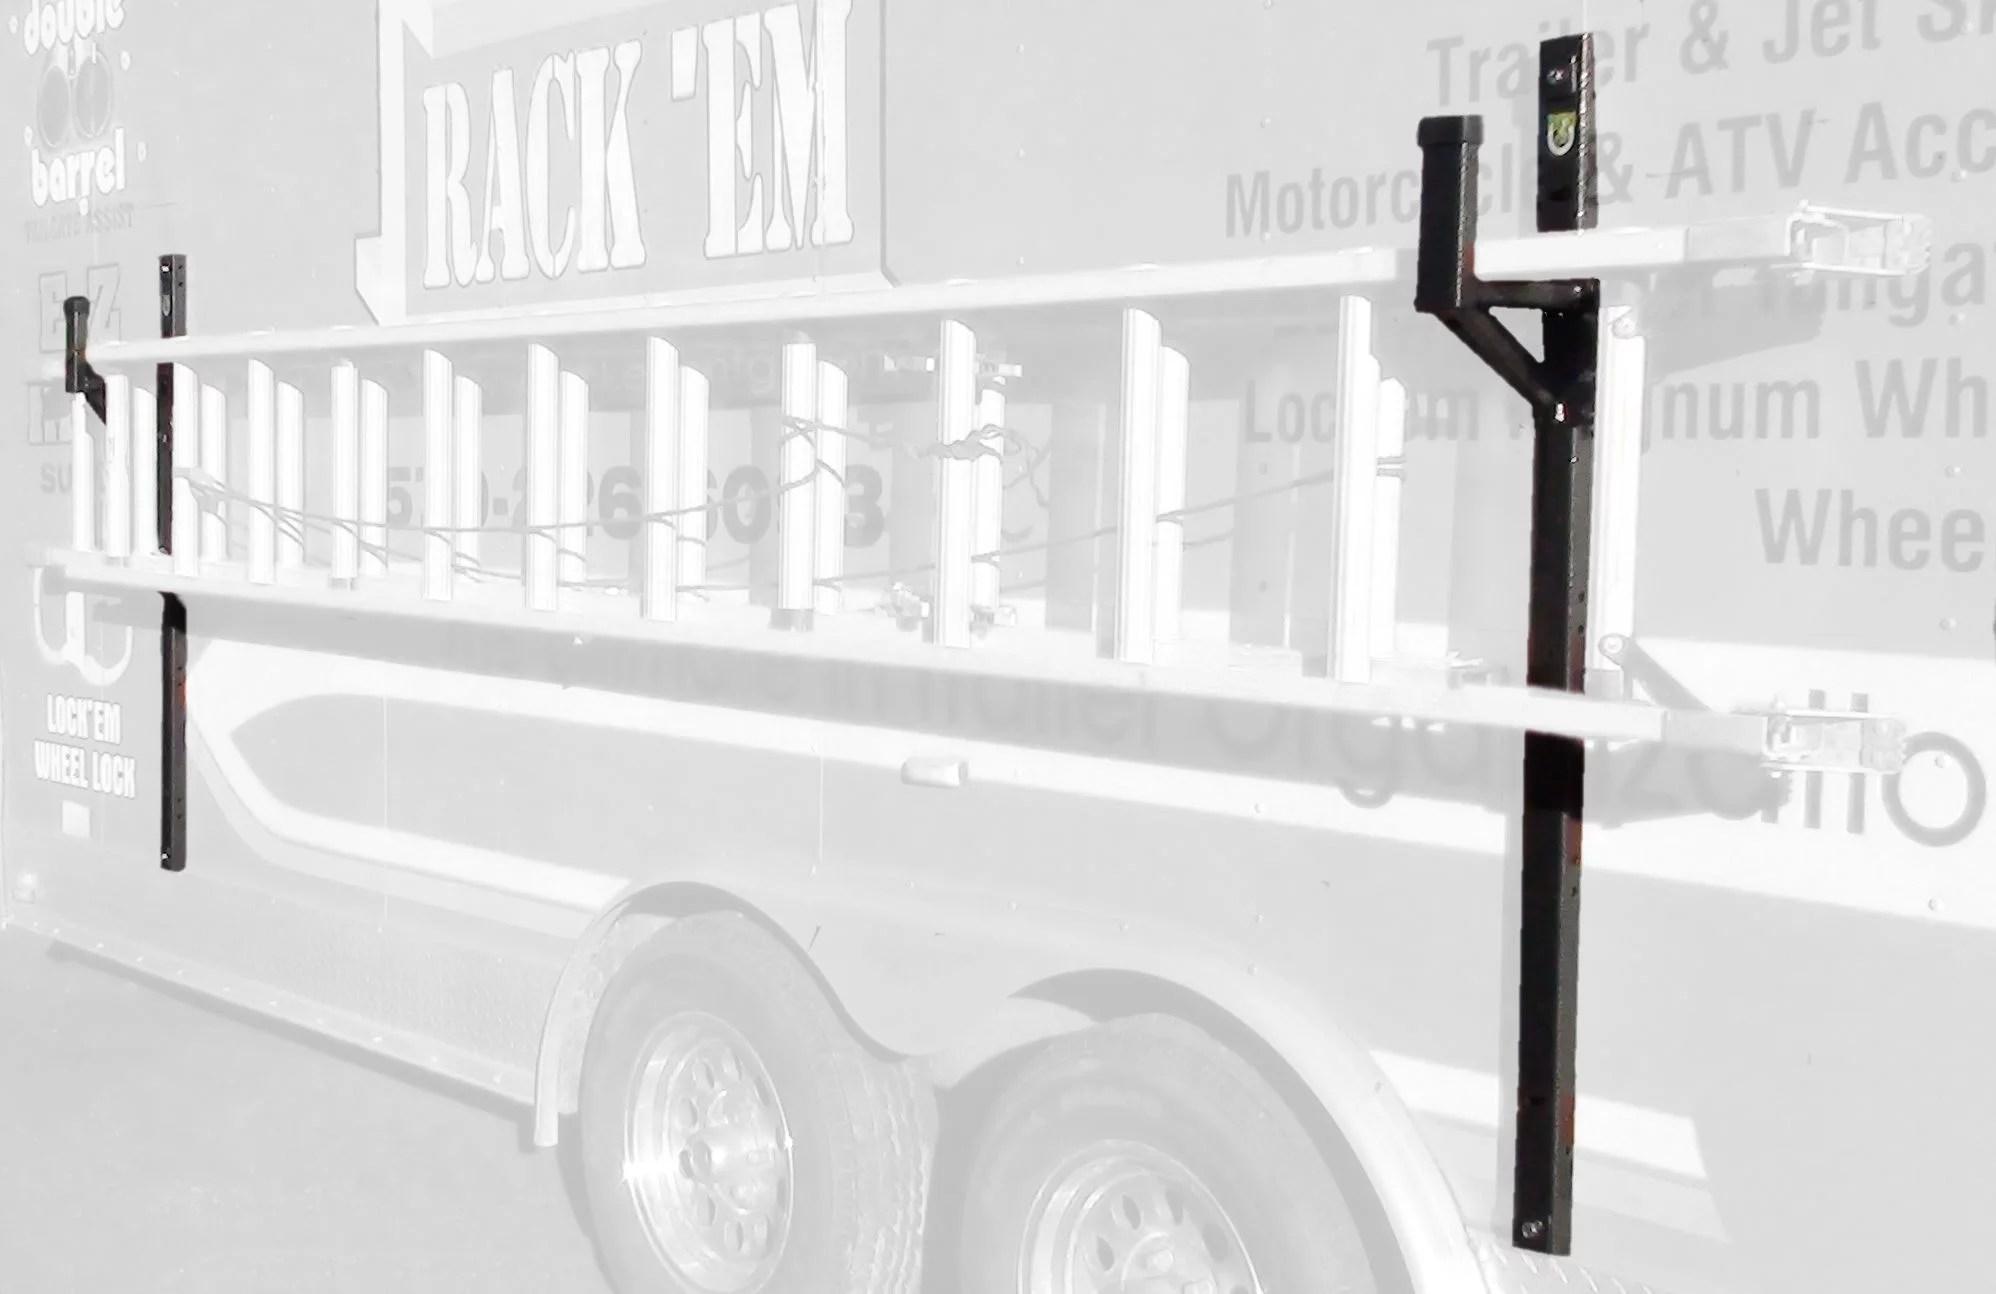 enclosed trailer exterior side wall ladder rack by pack em walmart com